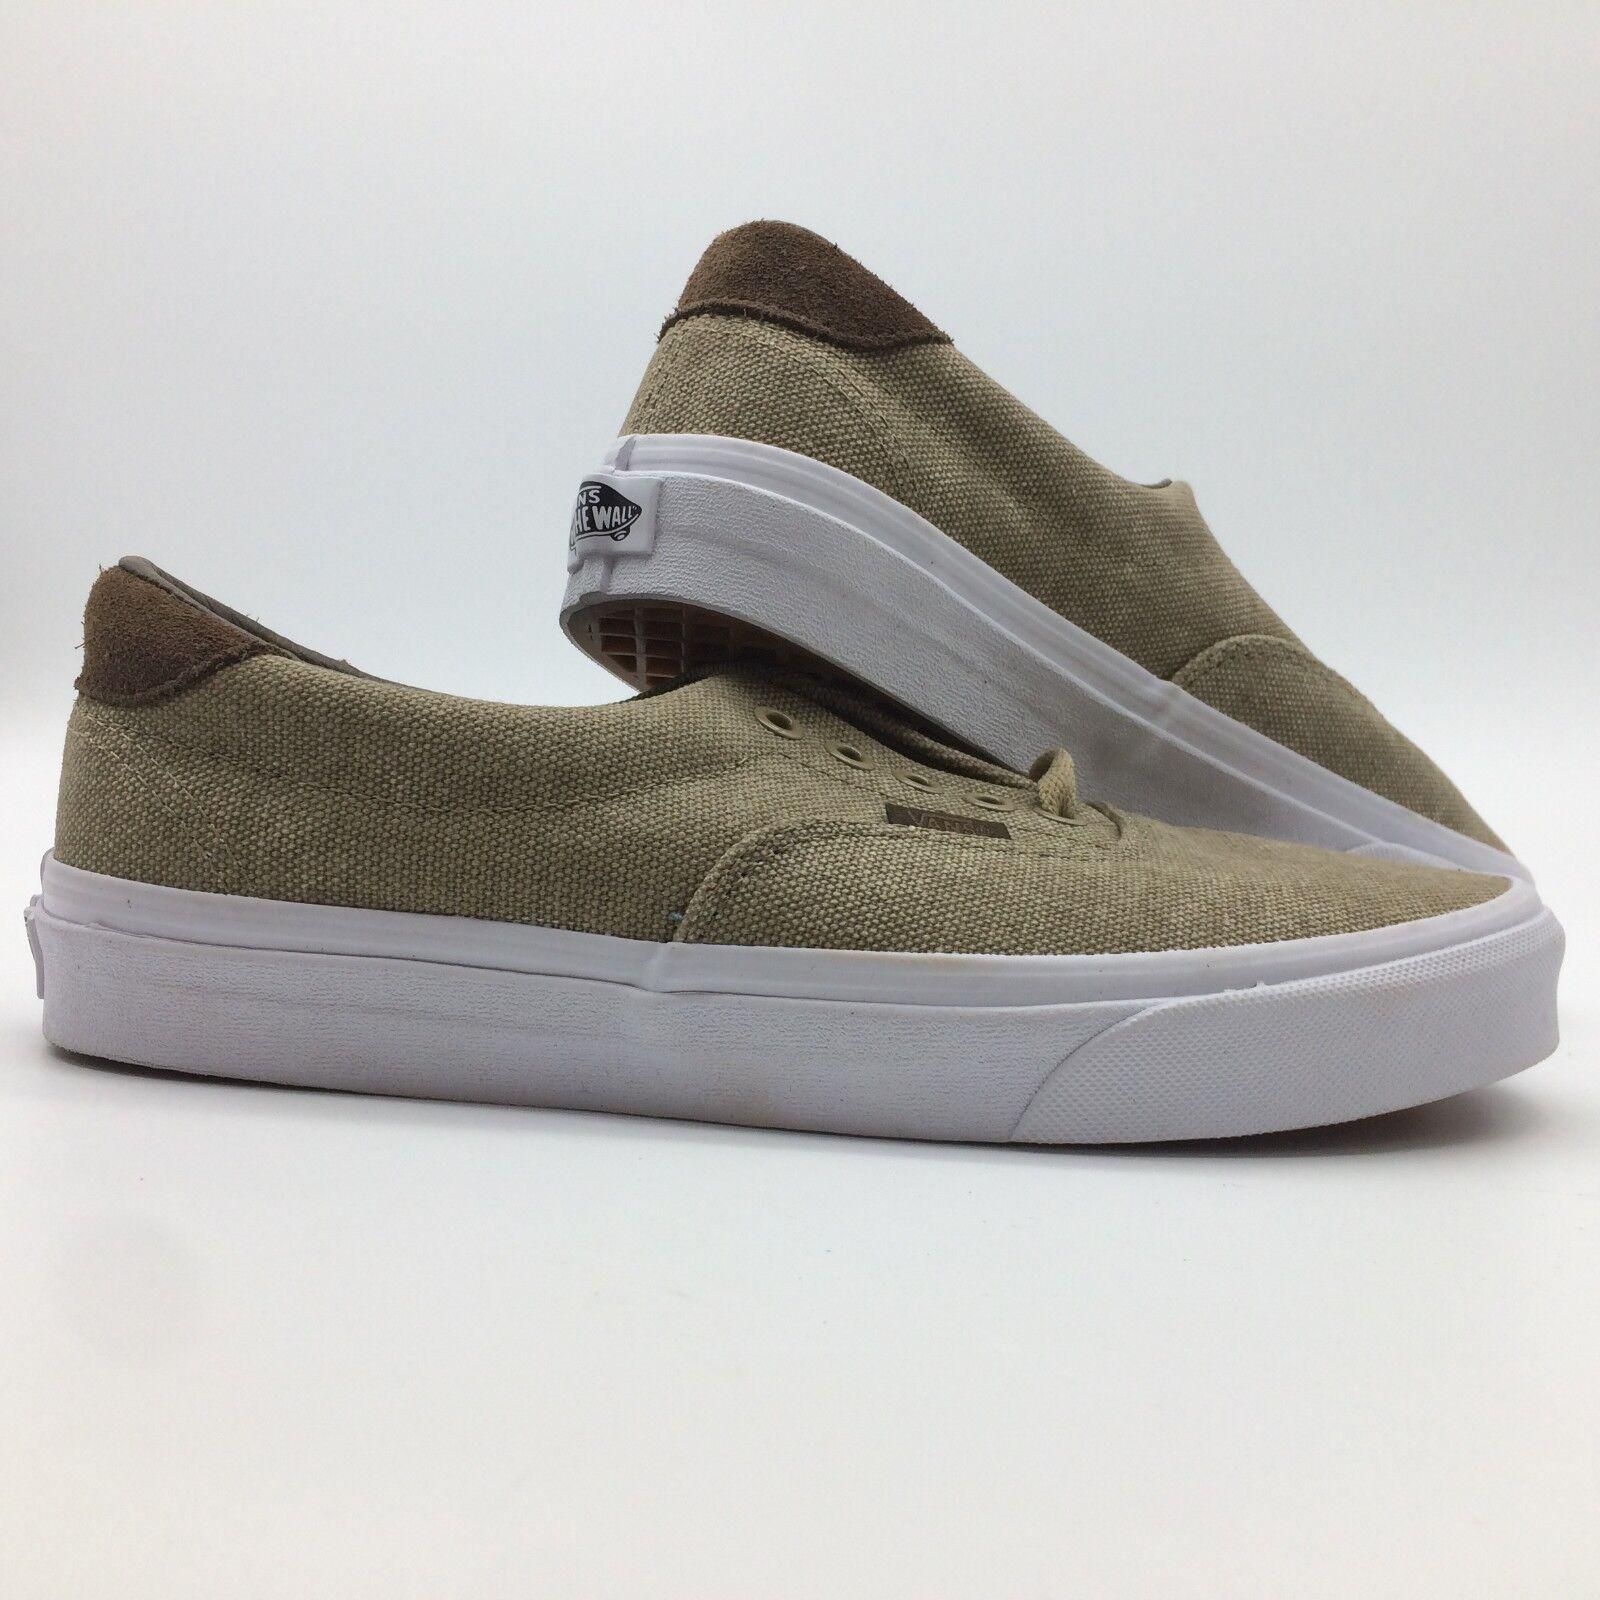 Vans Men's shoes   Era 59   -- Birds Cornstalk